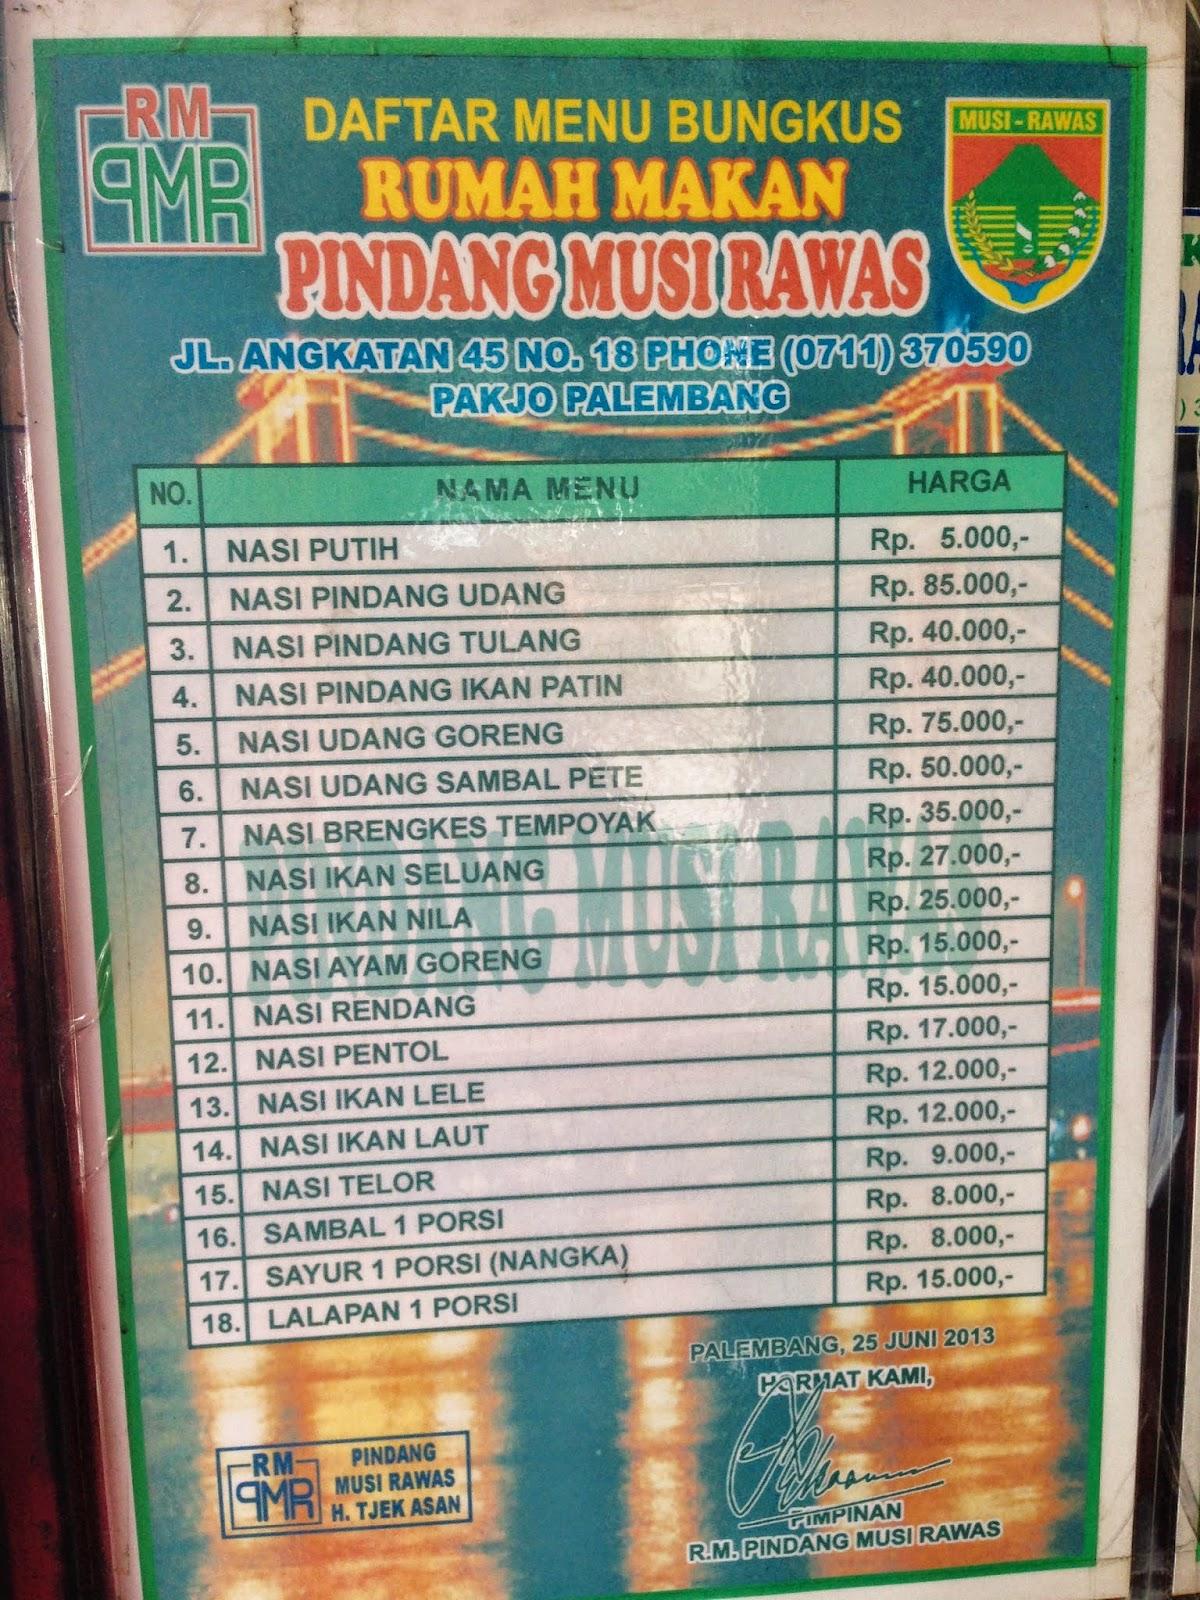 Pindang Musi Rawas : pindang, rawas, Still, Hungry:, Rumah, Makan, Pindang, Rawas, Palembang